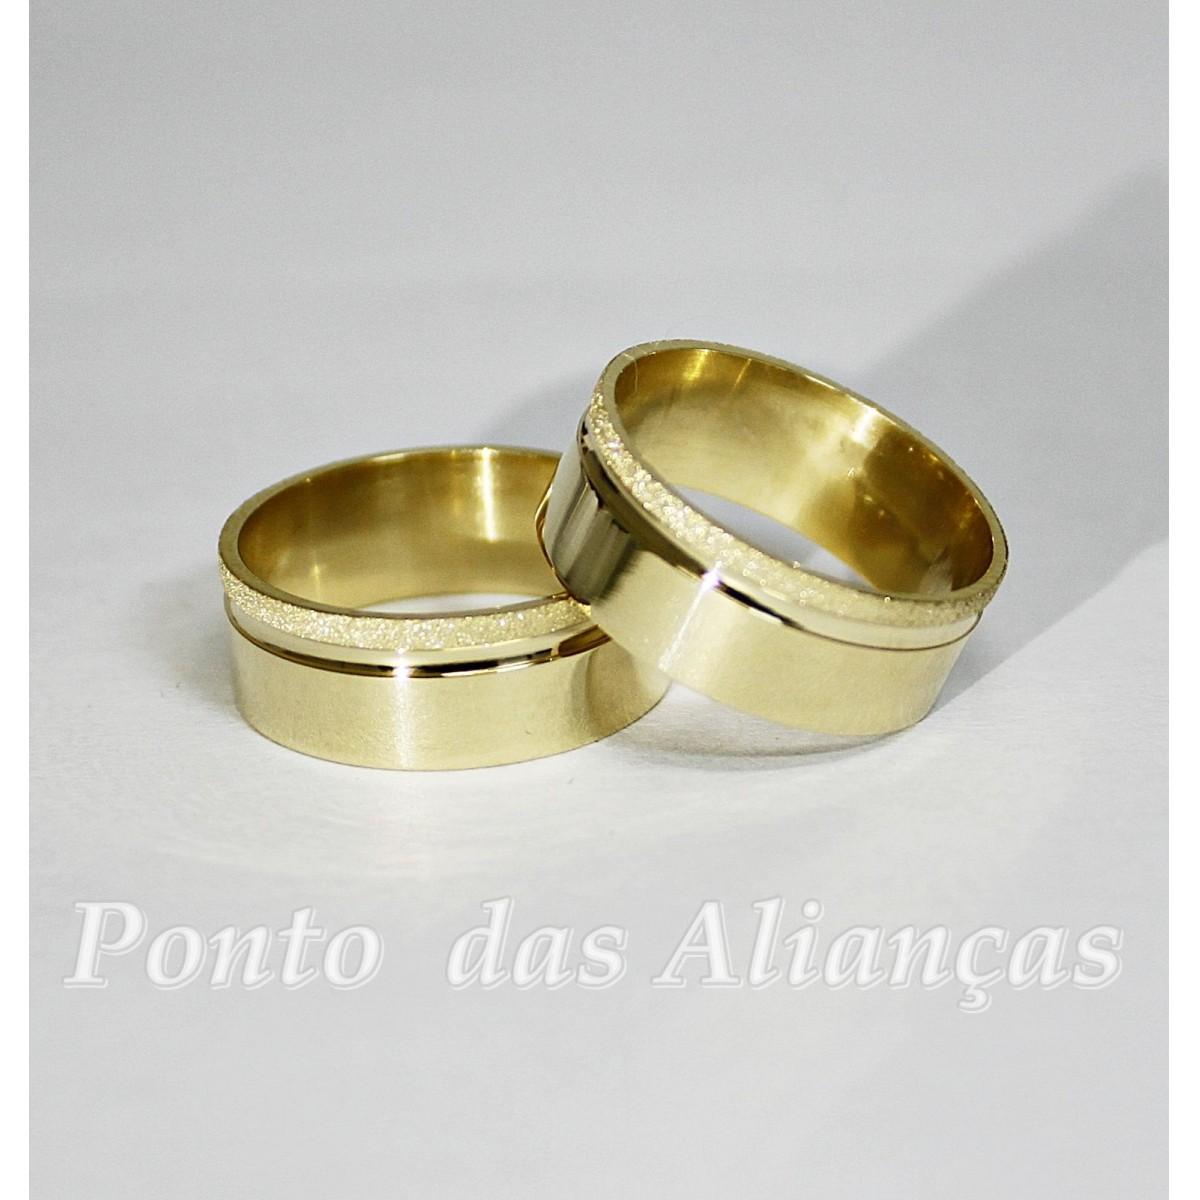 Alianças de Ouro Casamento ou Noivado -  3097